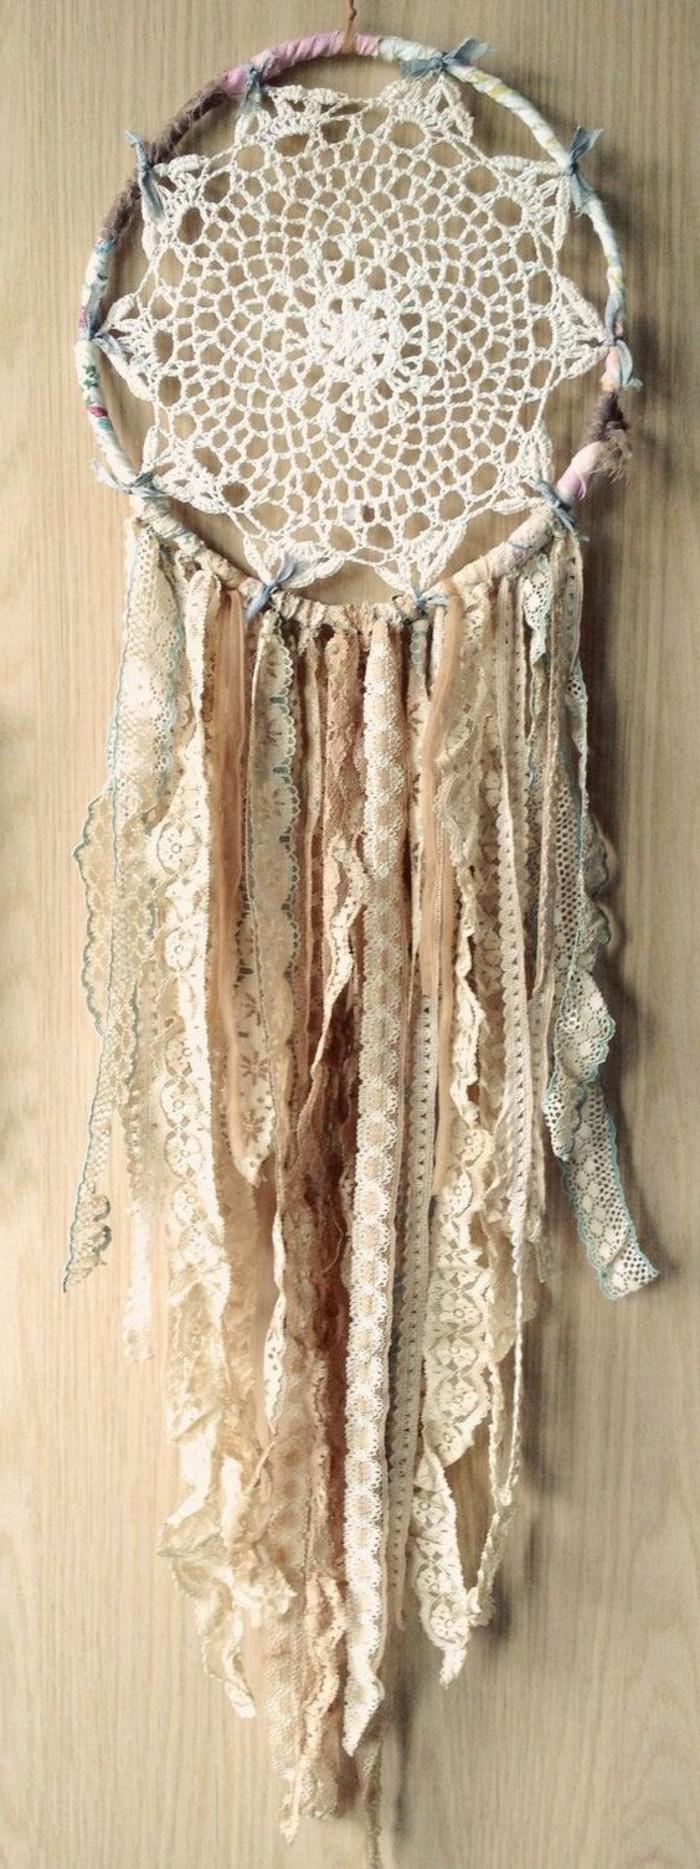 magnifique-suggestion-attrape-reves-blanc-decore-de-jolies-dentelles-vintage